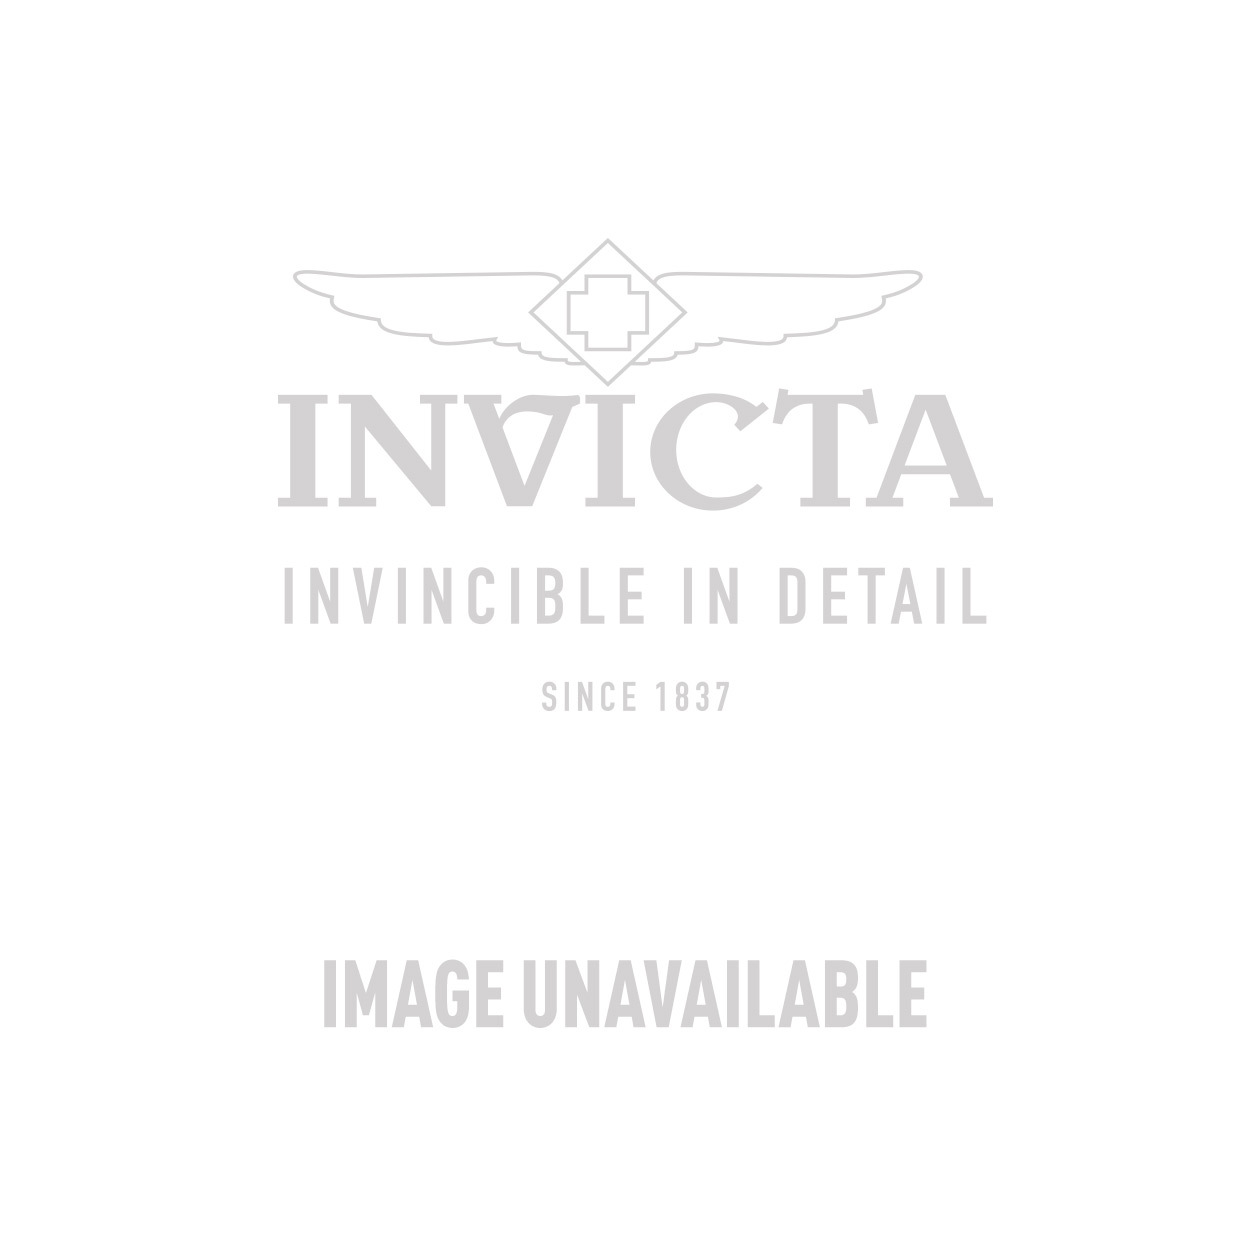 Invicta Model 27615